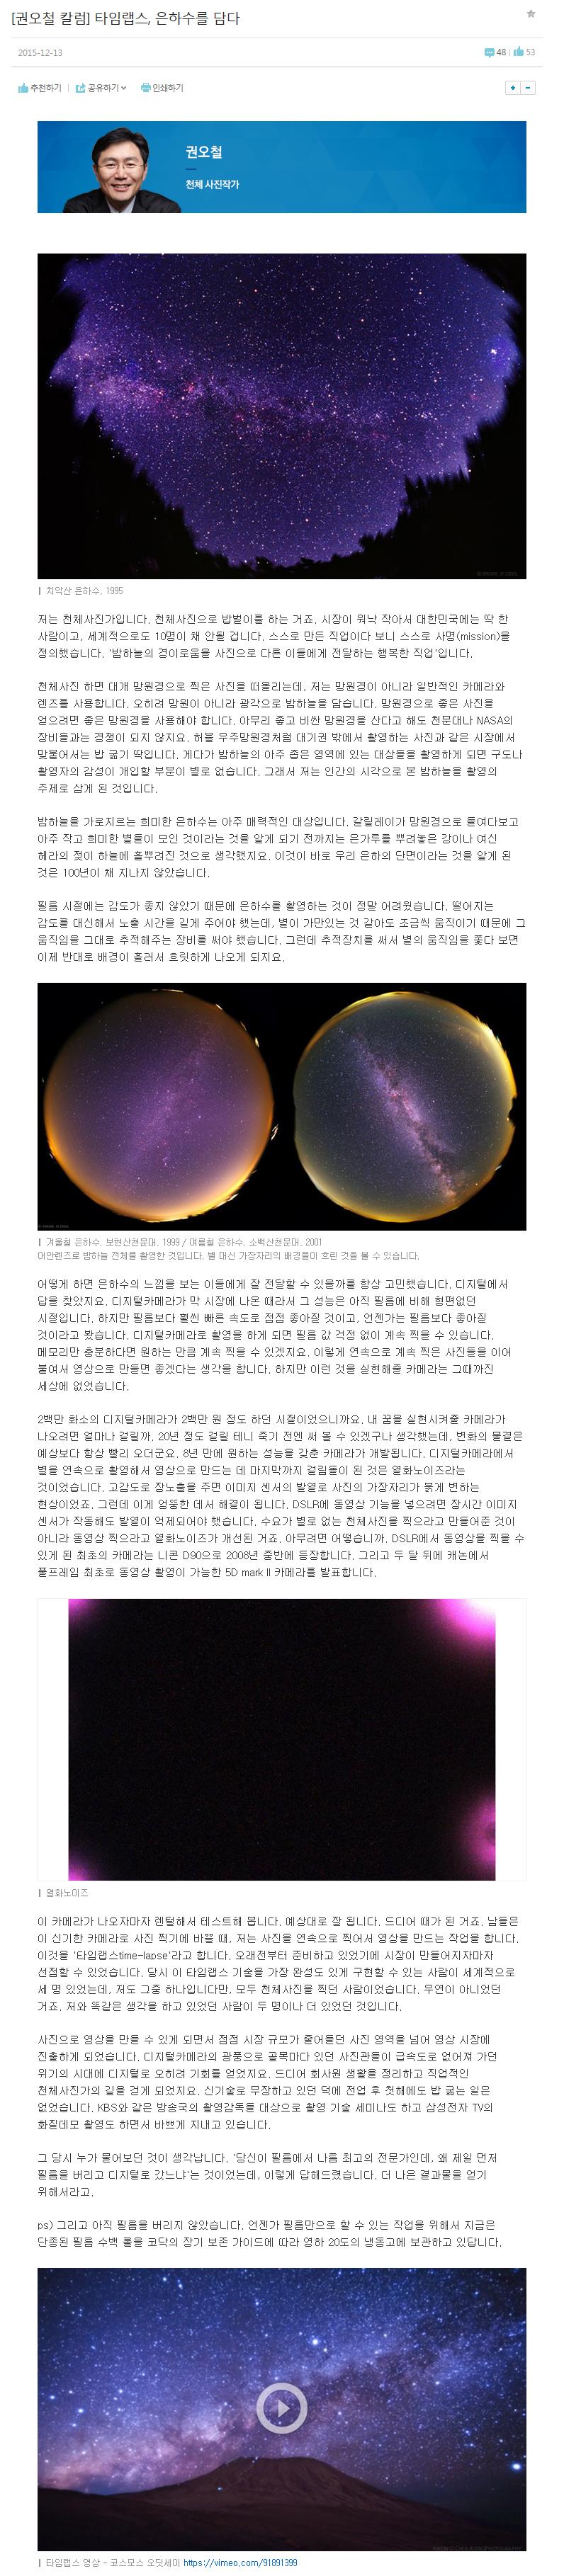 20151218_kwon_o_chul